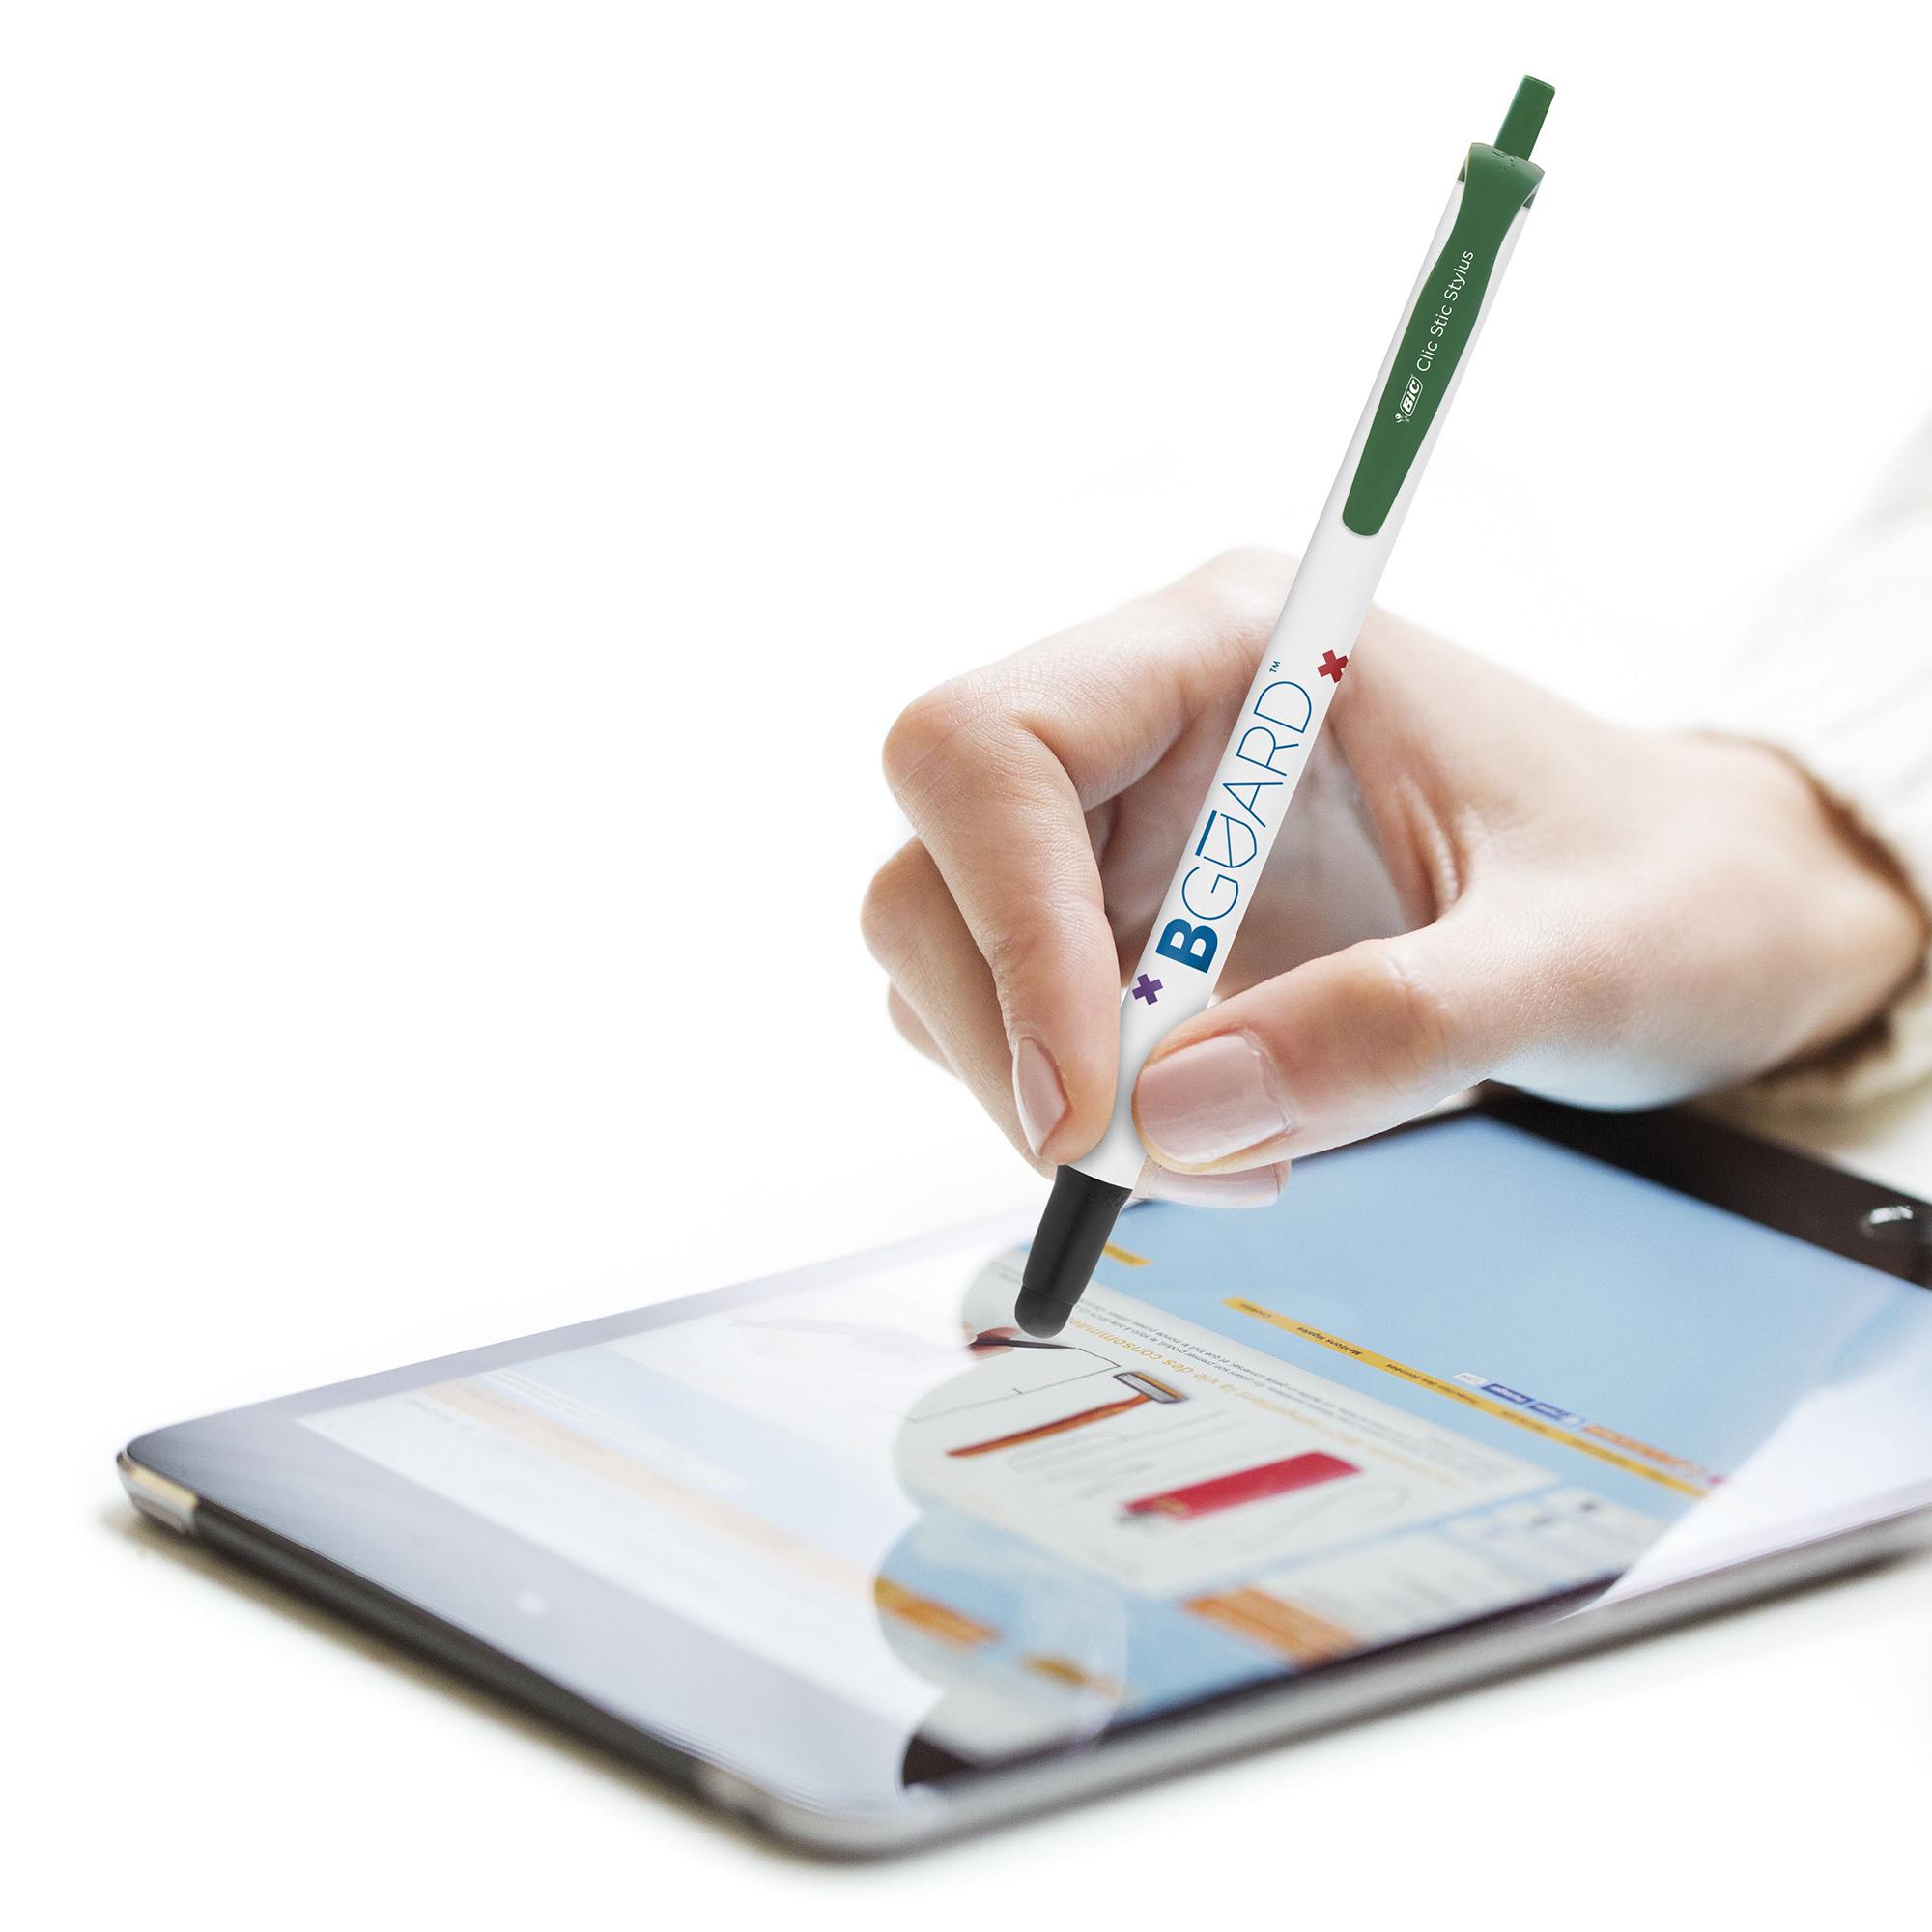 Stylo BIC® Clic Stic stylus Digital